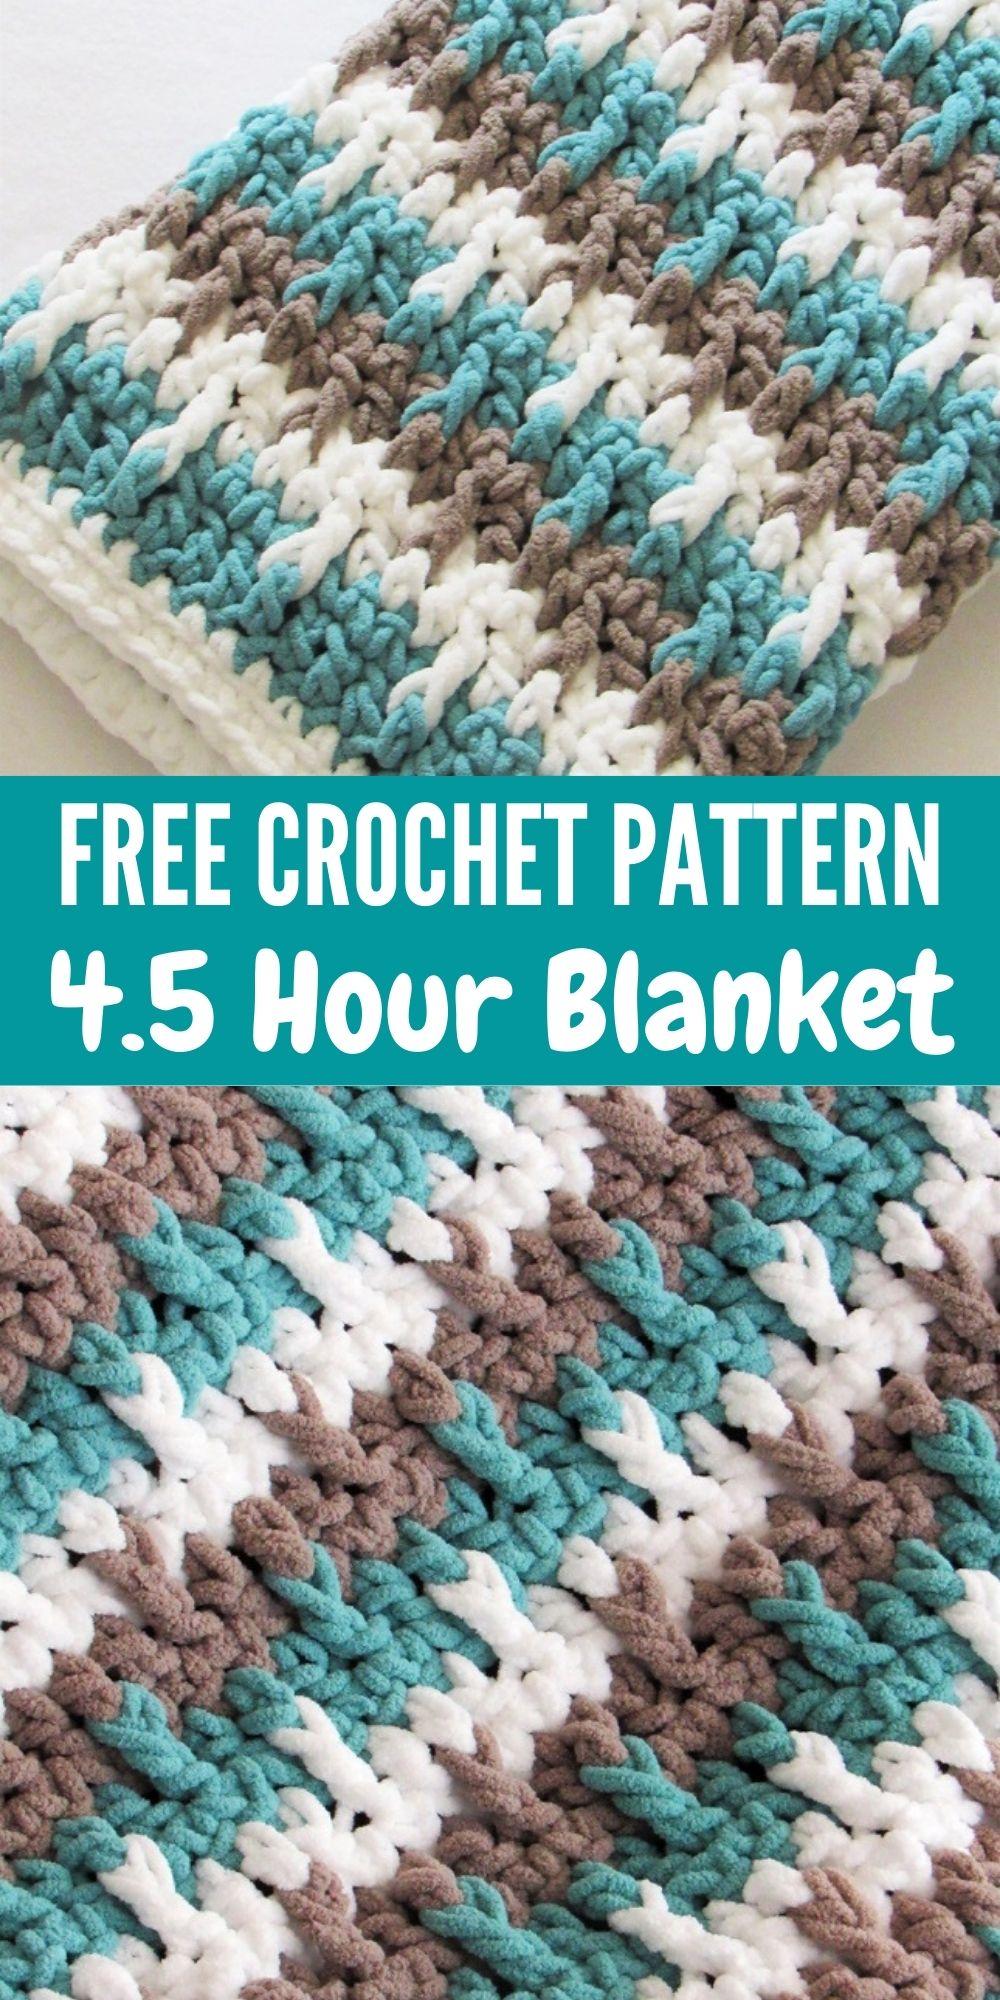 Striped Crochet Blanket in just 5 Hours - Crochet